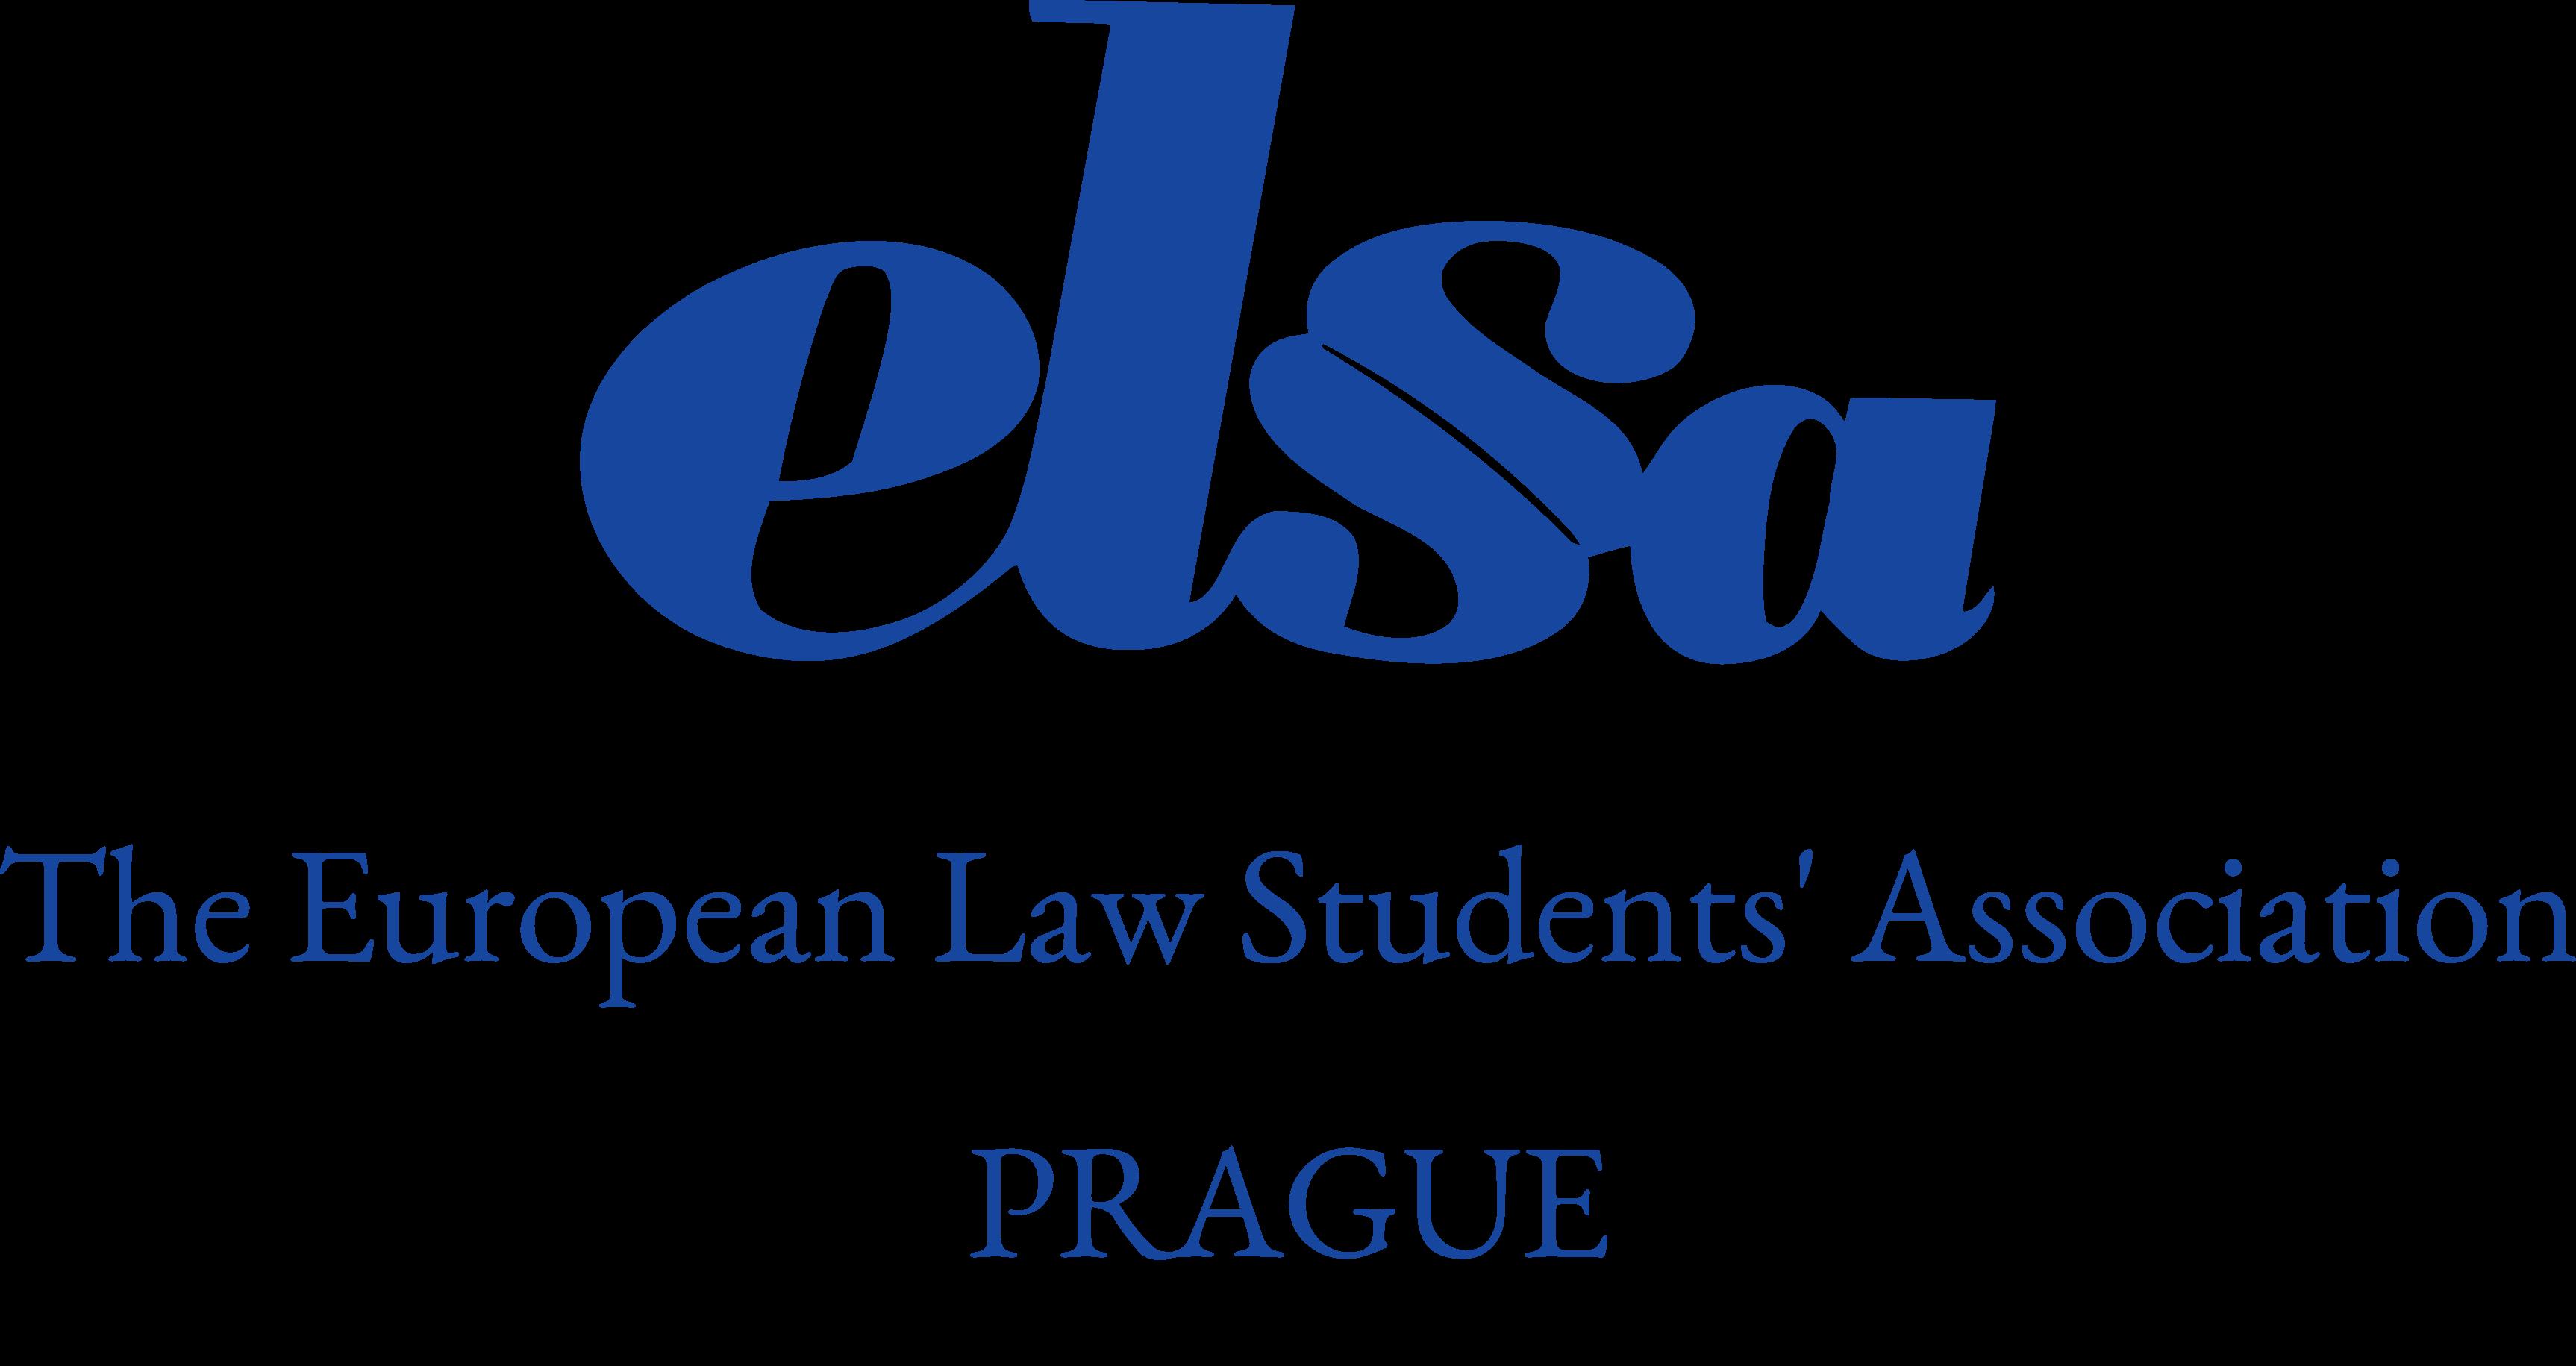 Elsa Praha